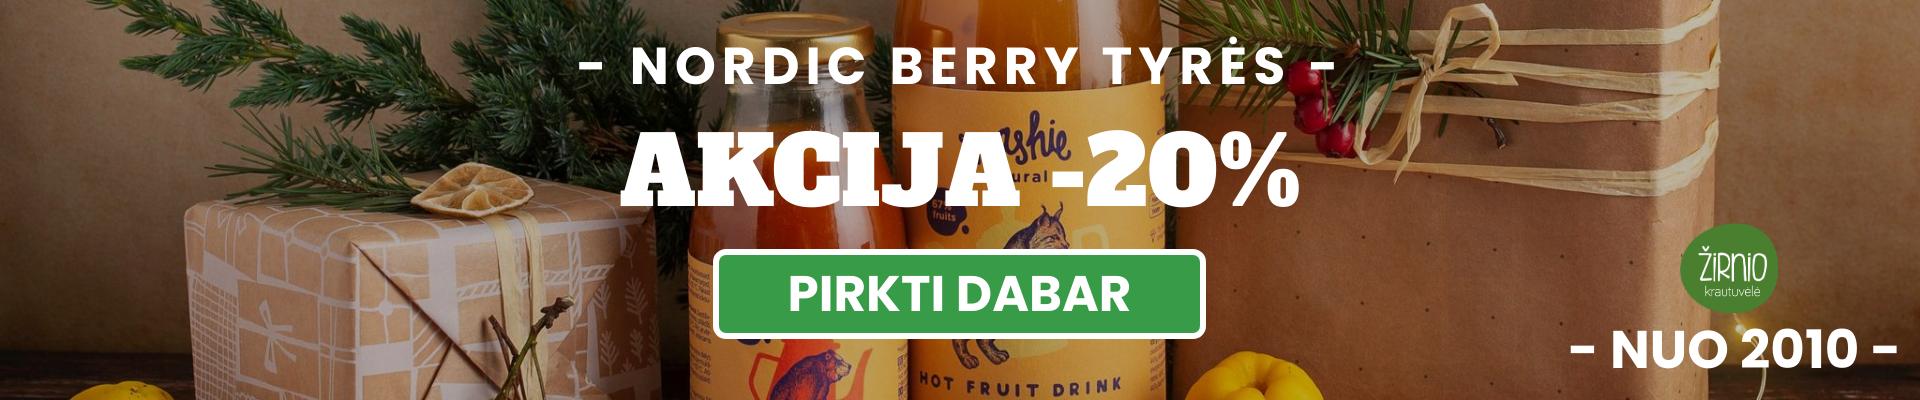 Nordic Berry uogų tyrės